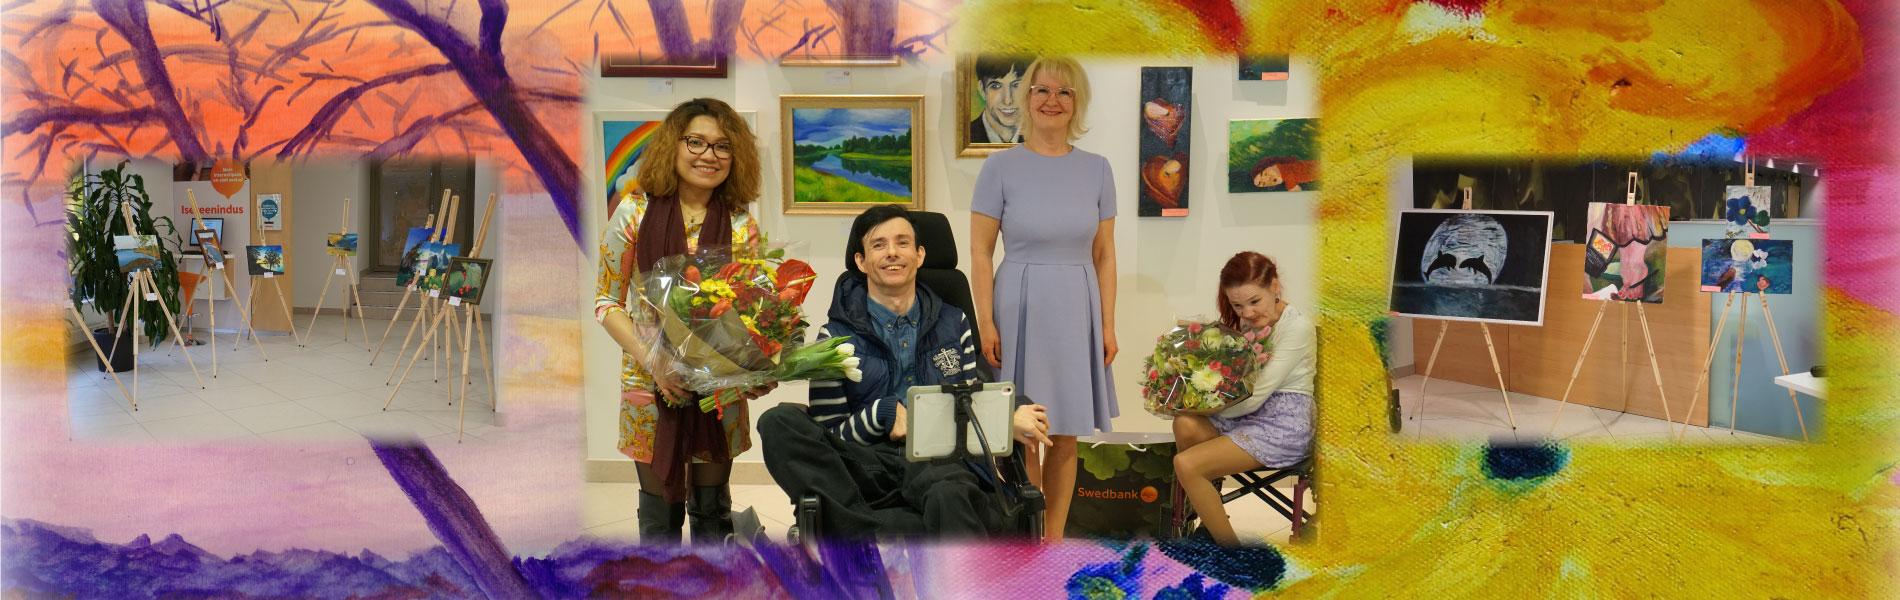 День разнообразия и открытие выставки